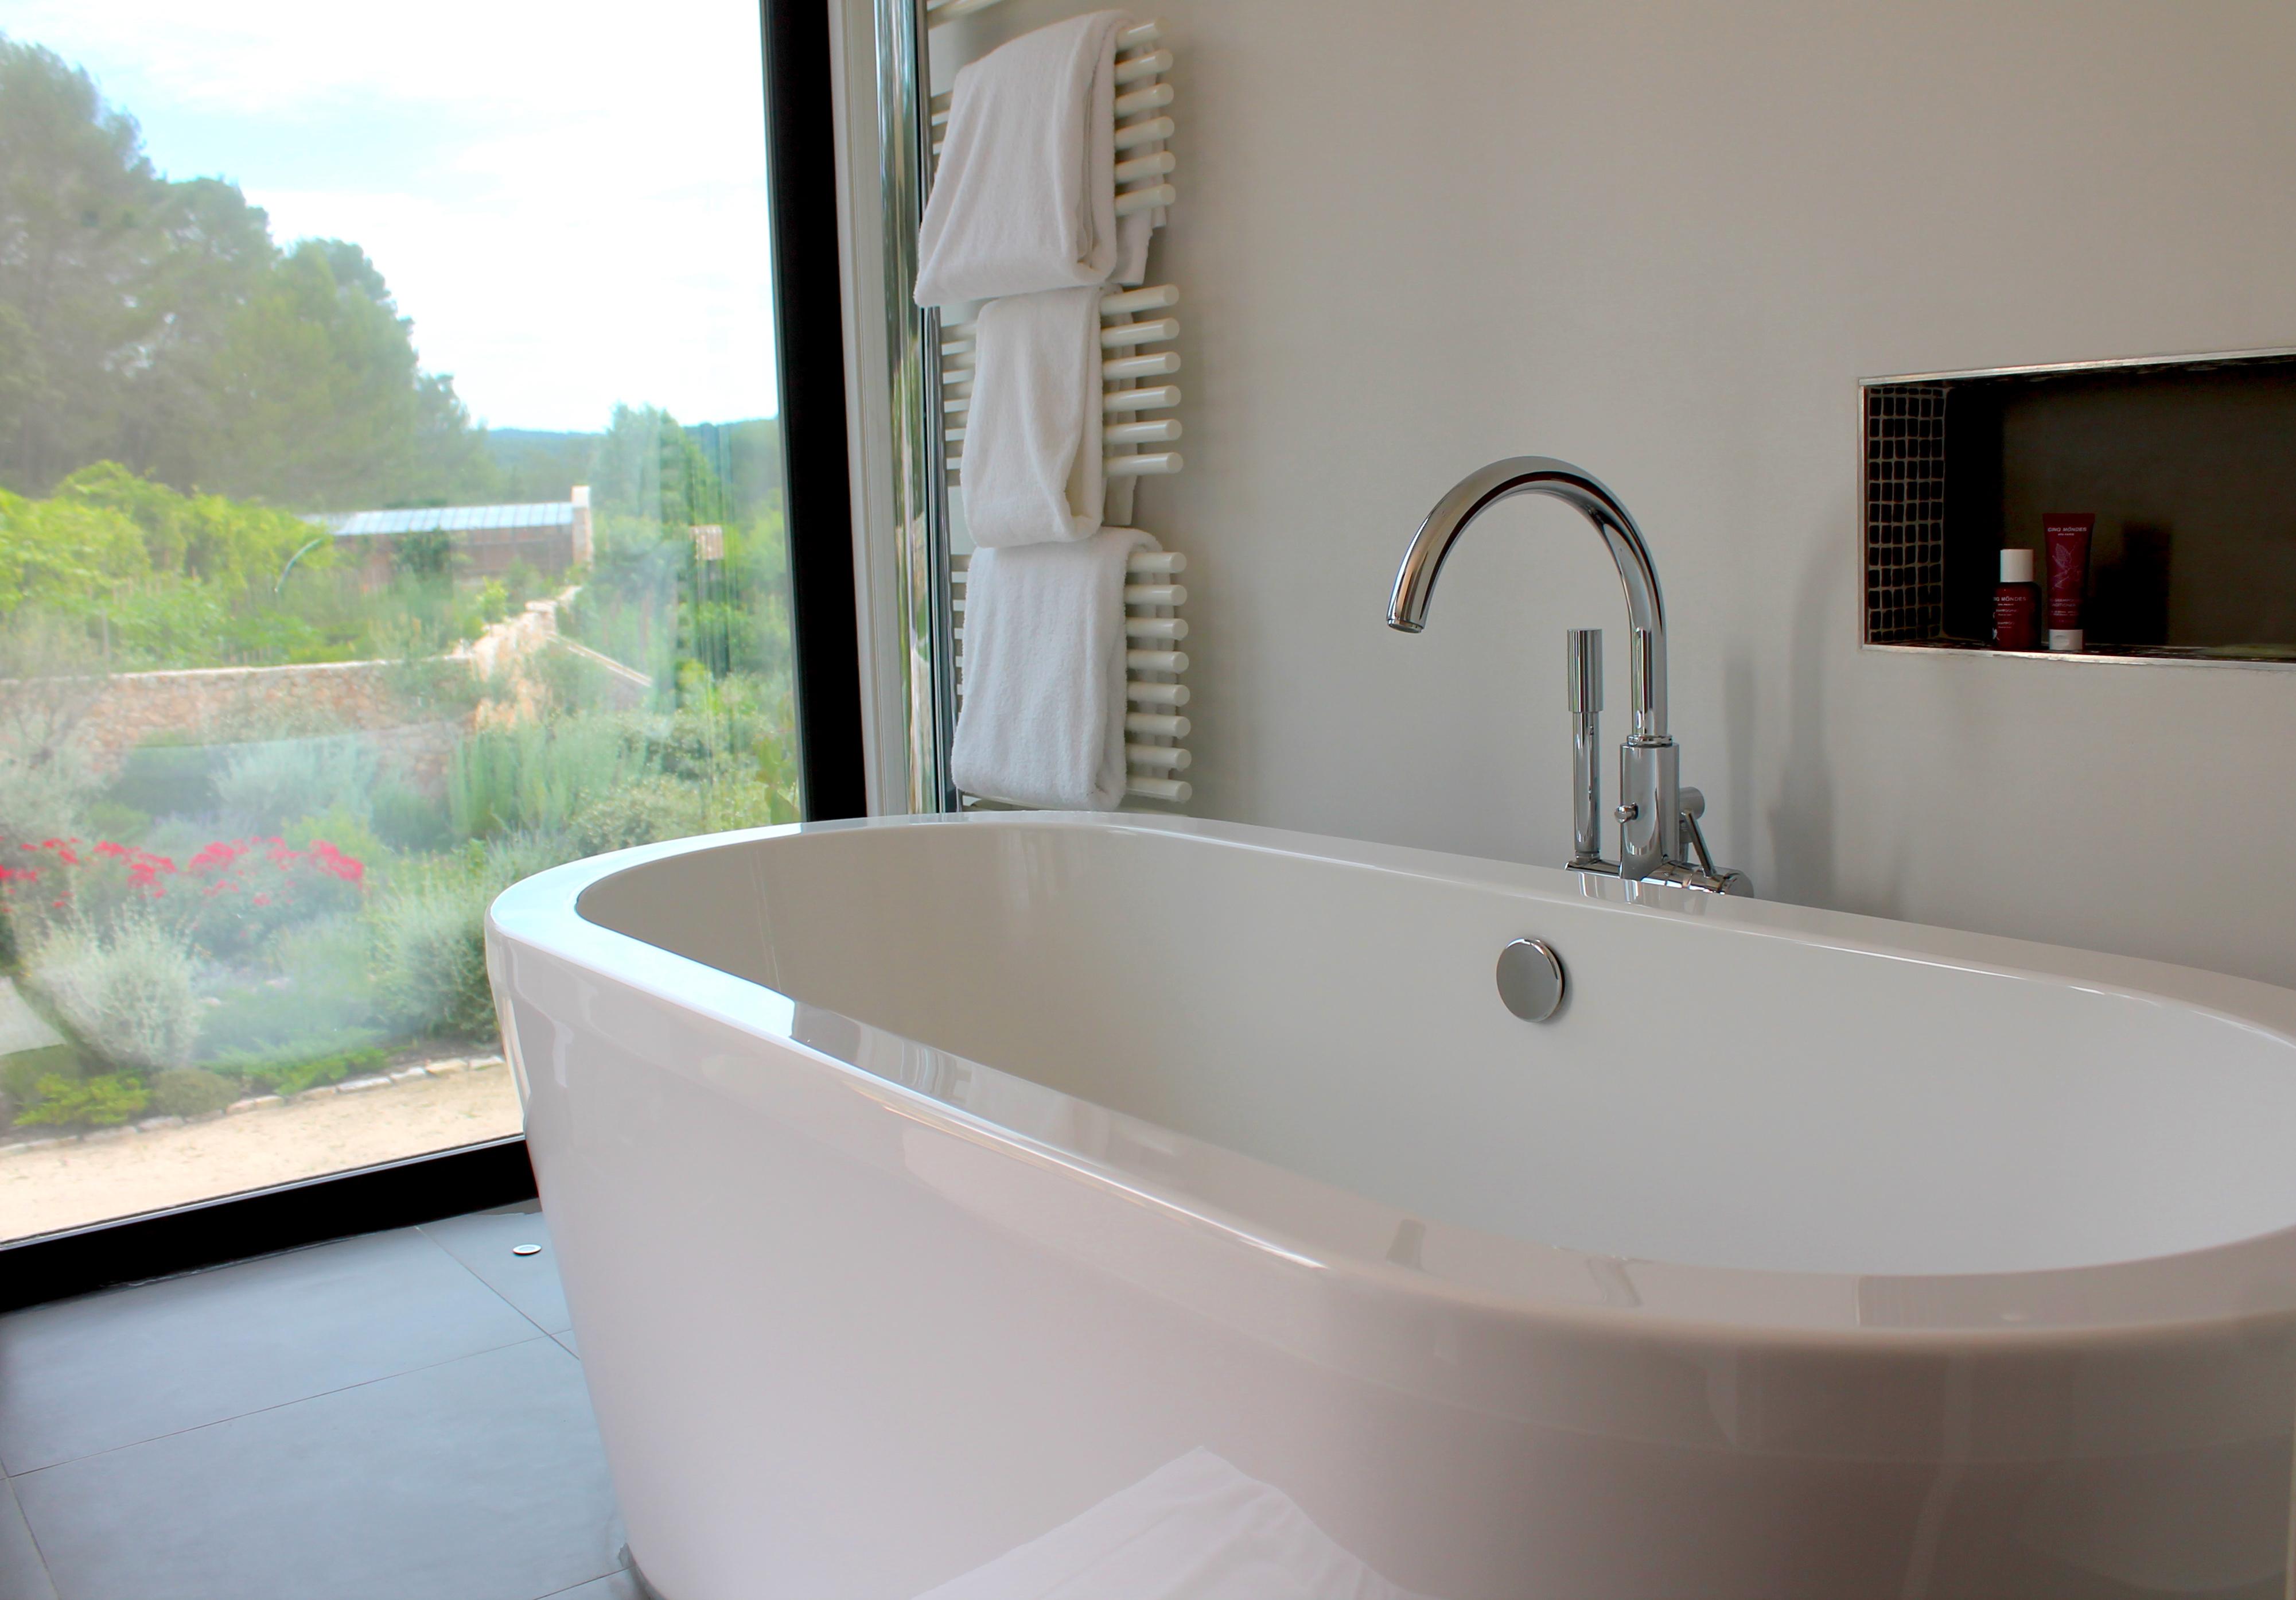 chateau-de-berne-bath-lustforthesublime